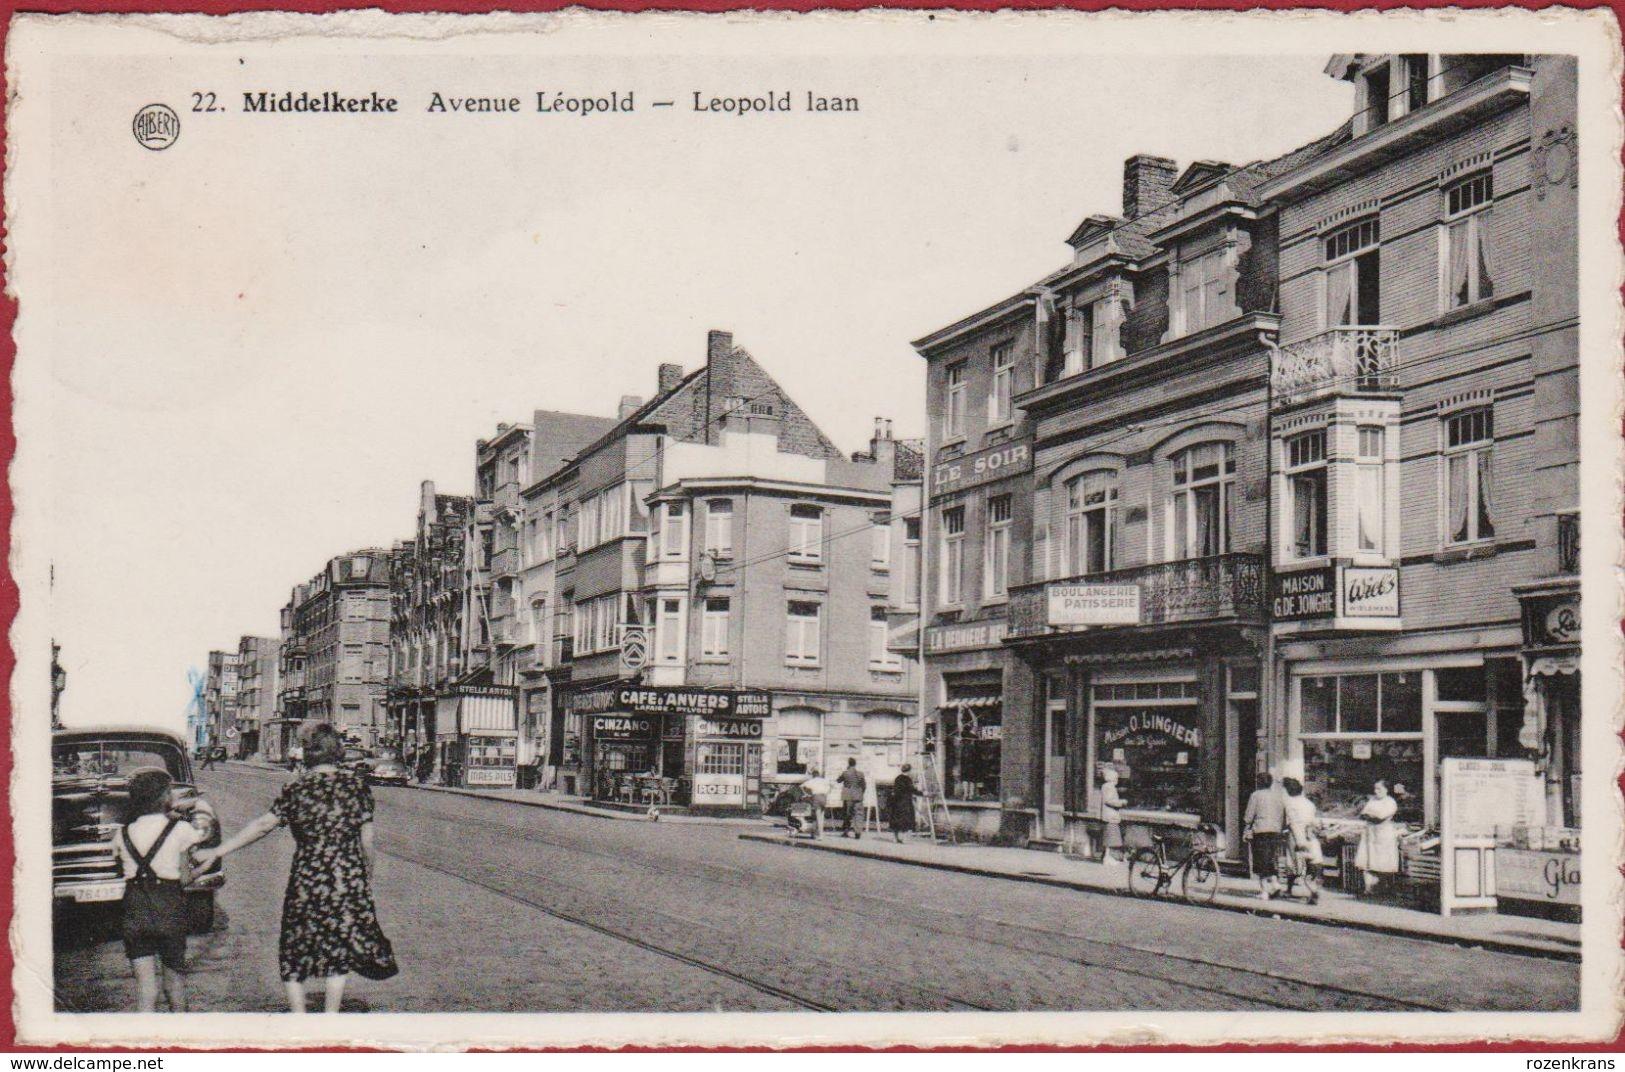 Middelkerke Avenue Leopold Leopoldlaan - Middelkerke